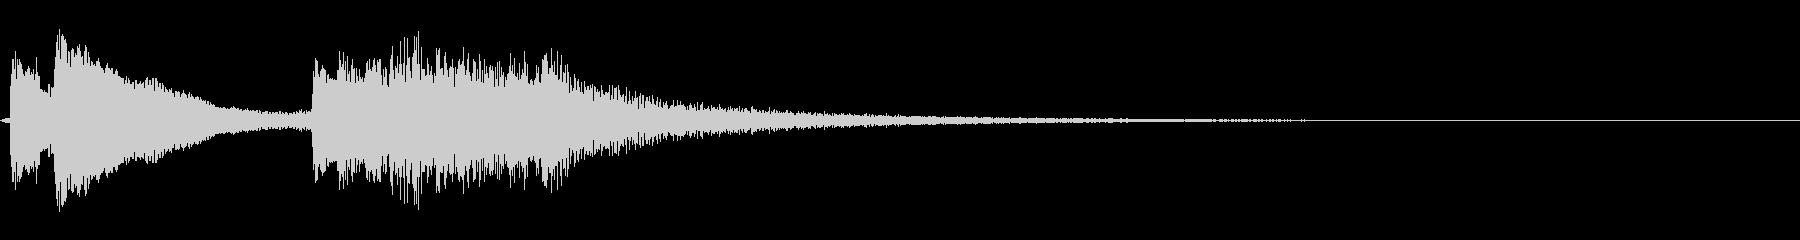 和風琴による場面転換音1の未再生の波形